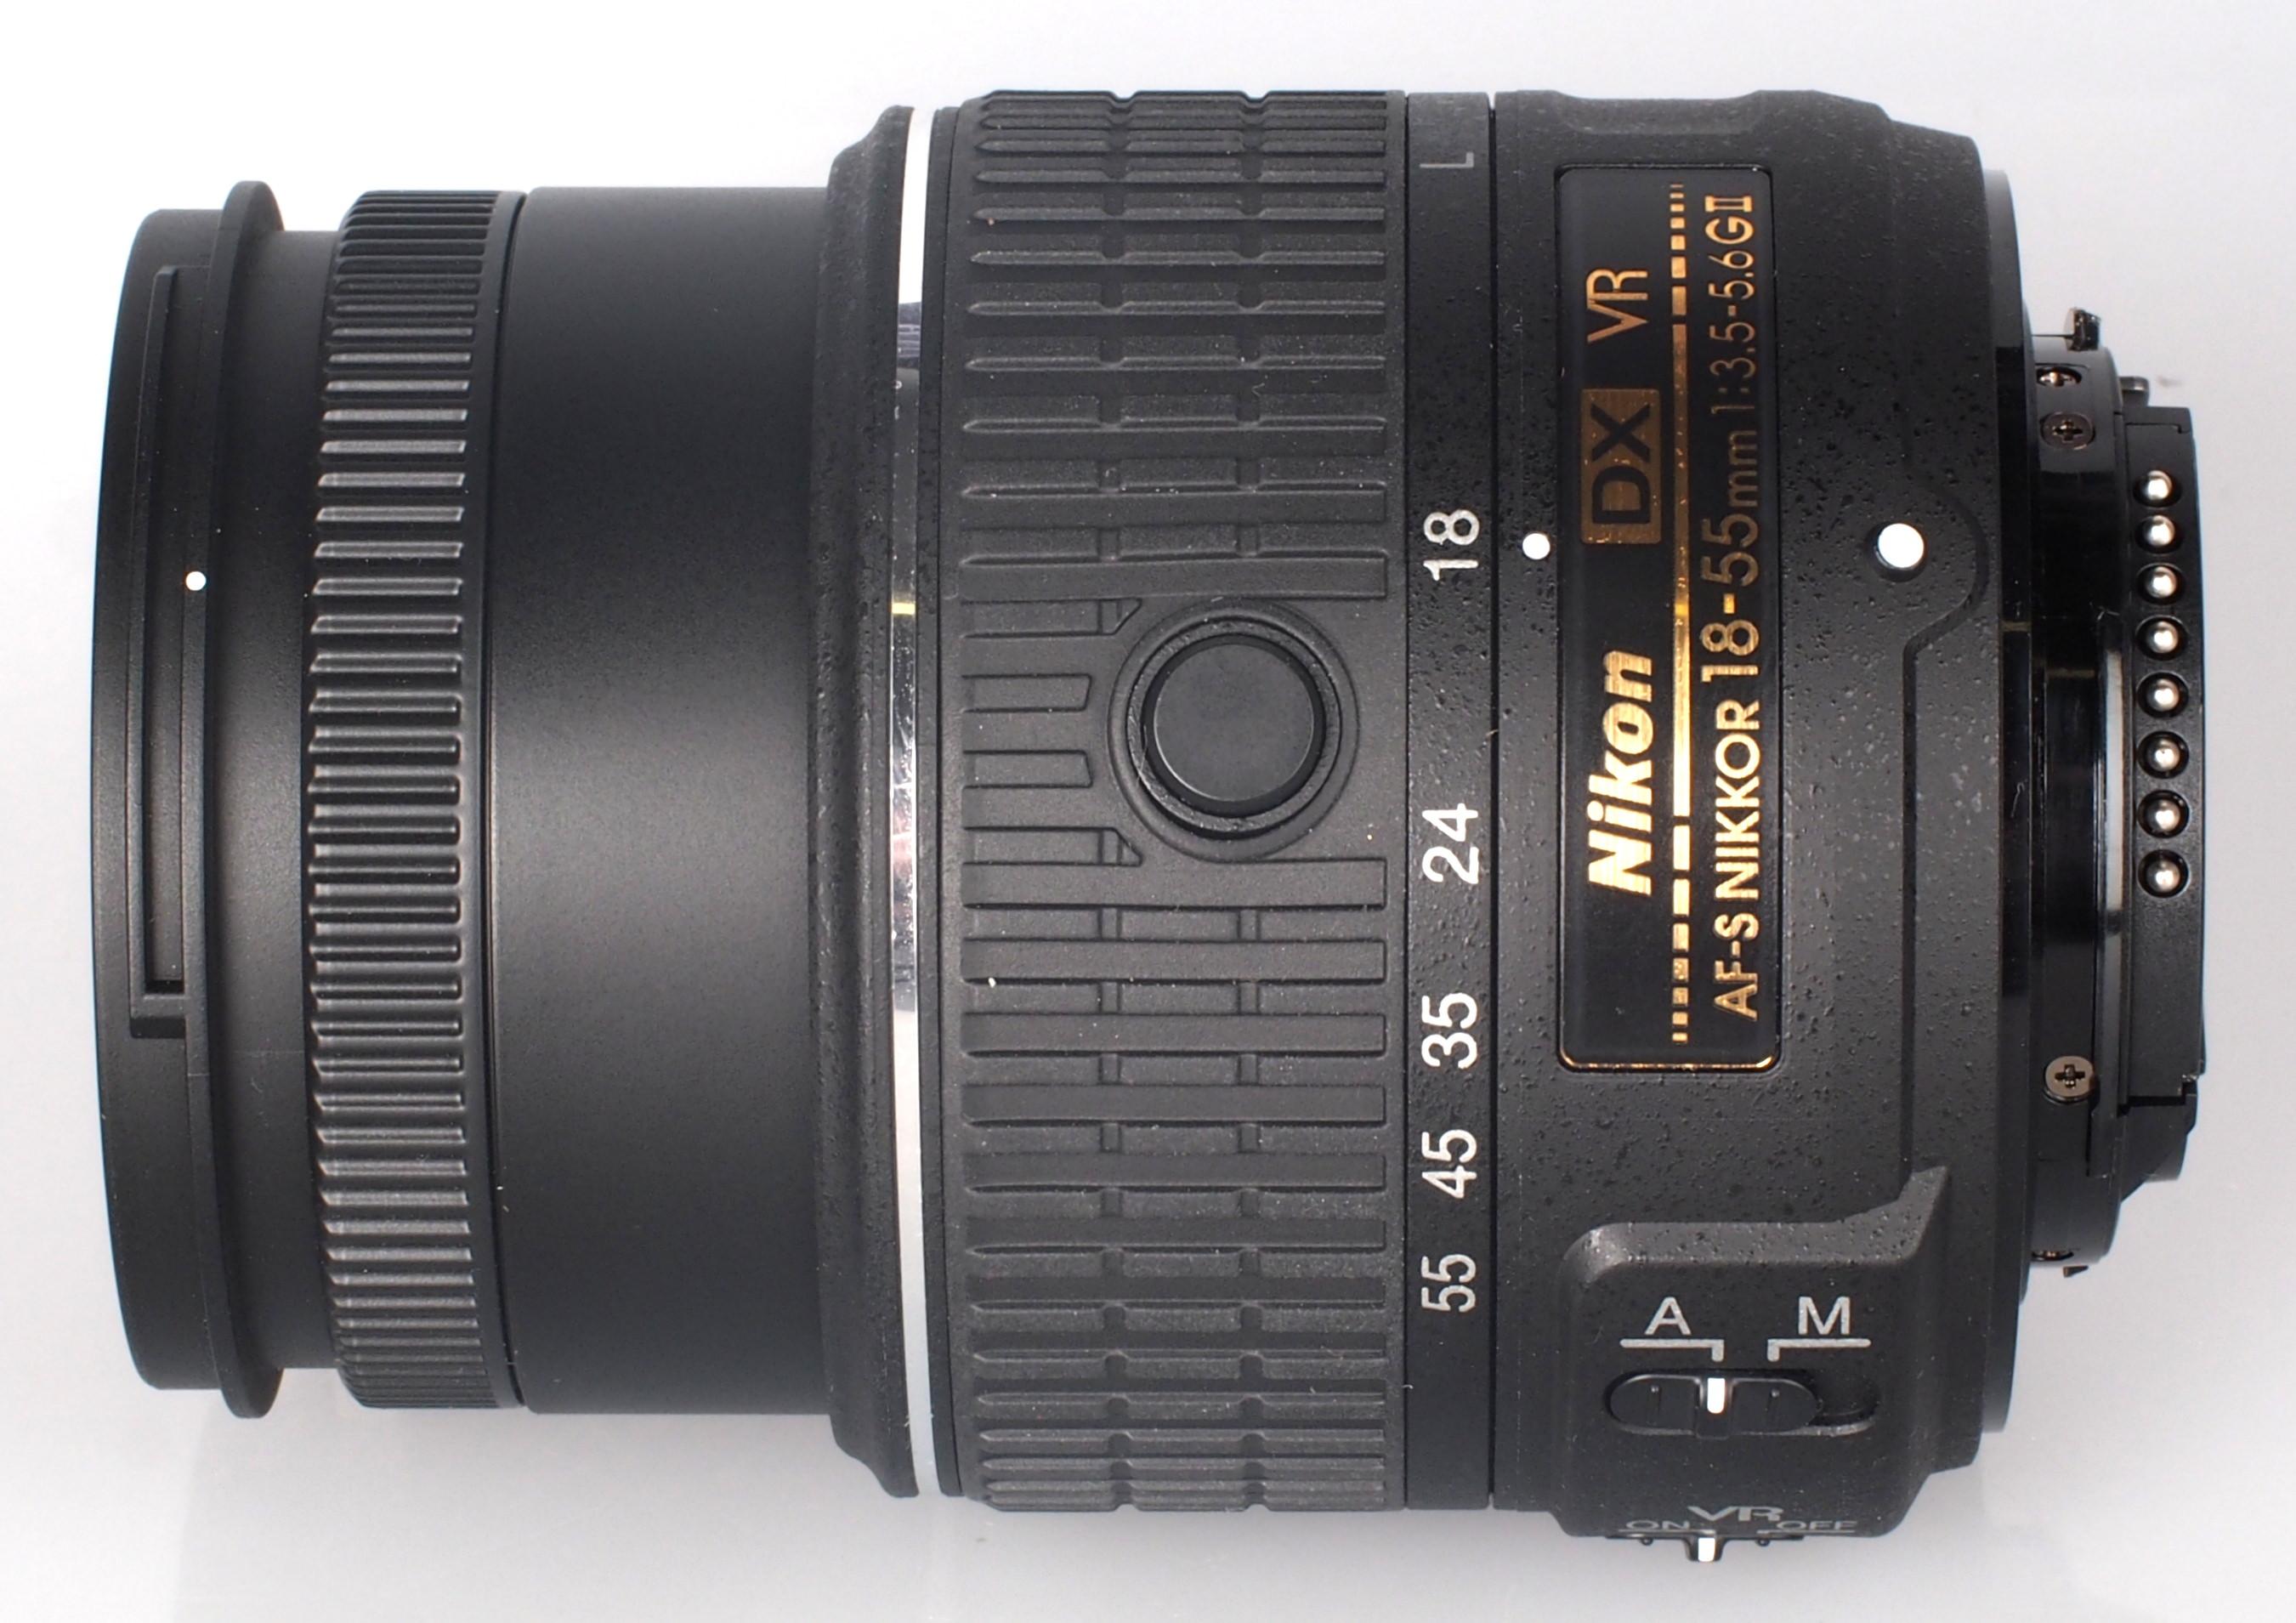 nikon af s dx nikkor 18 55mm f 3 5 5 6g vr ii lens review rh ephotozine com Service Station Service ManualsOnline